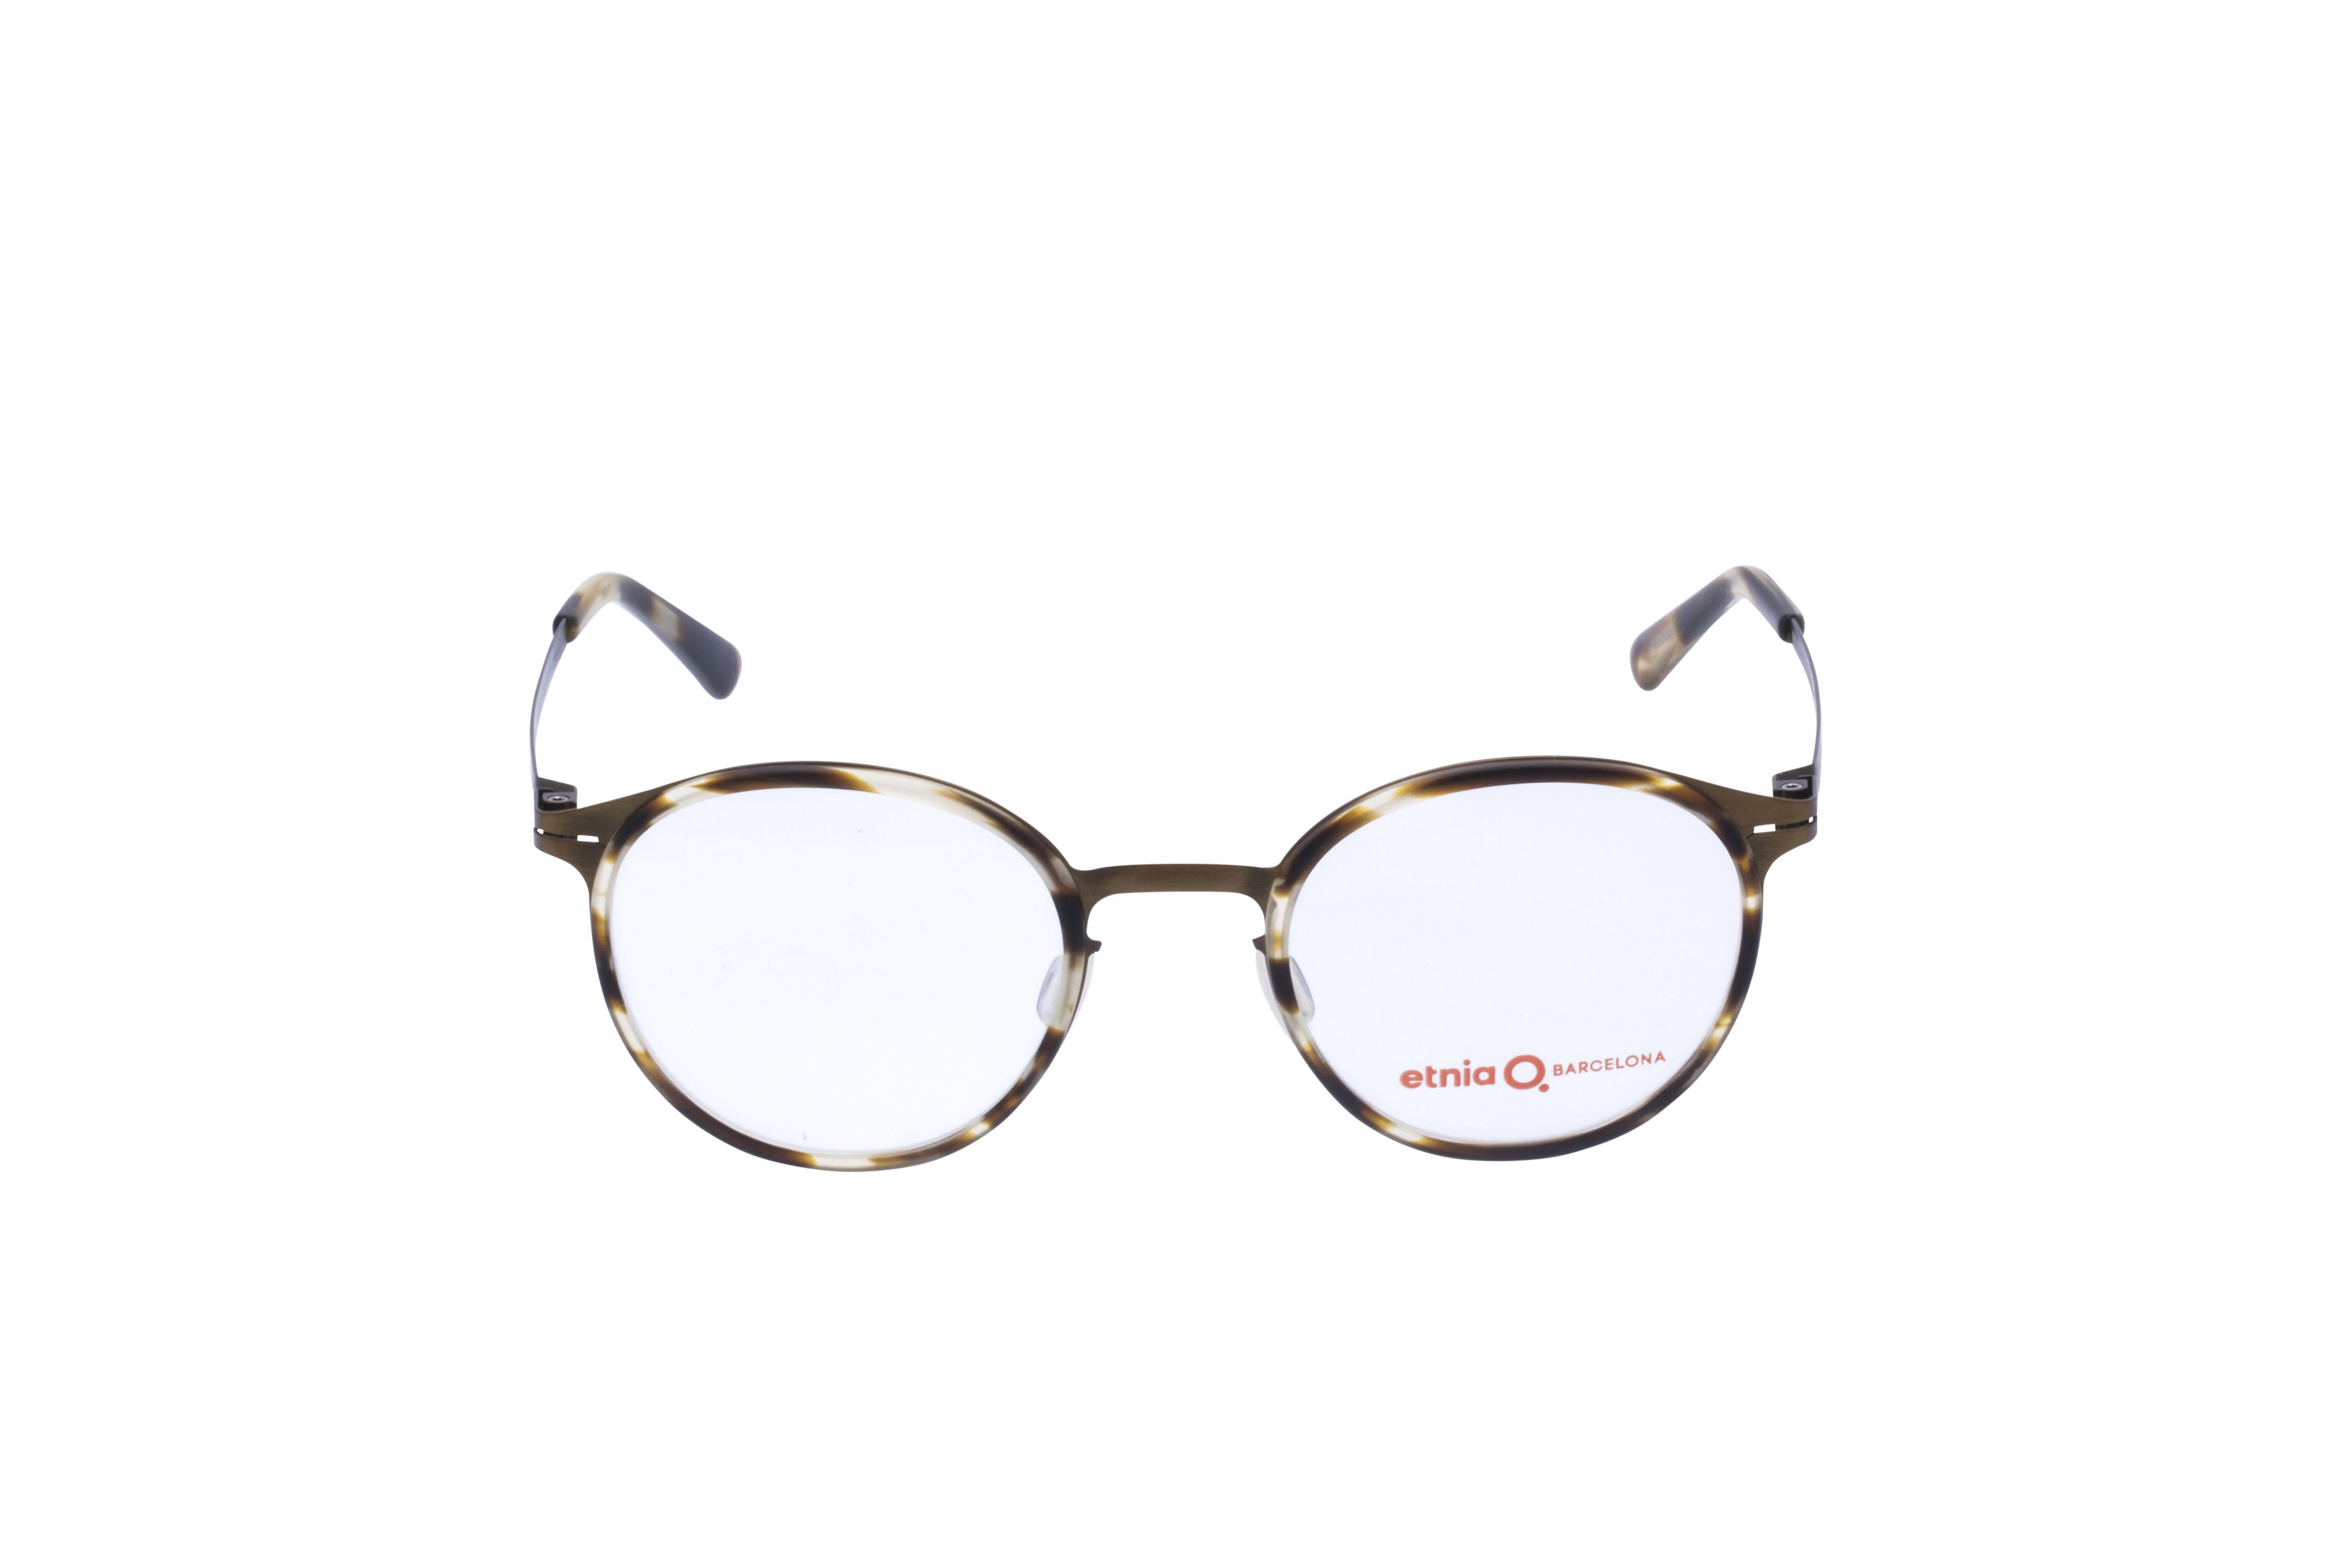 Etnia Ulm Frontansicht, Brille auf Weiß